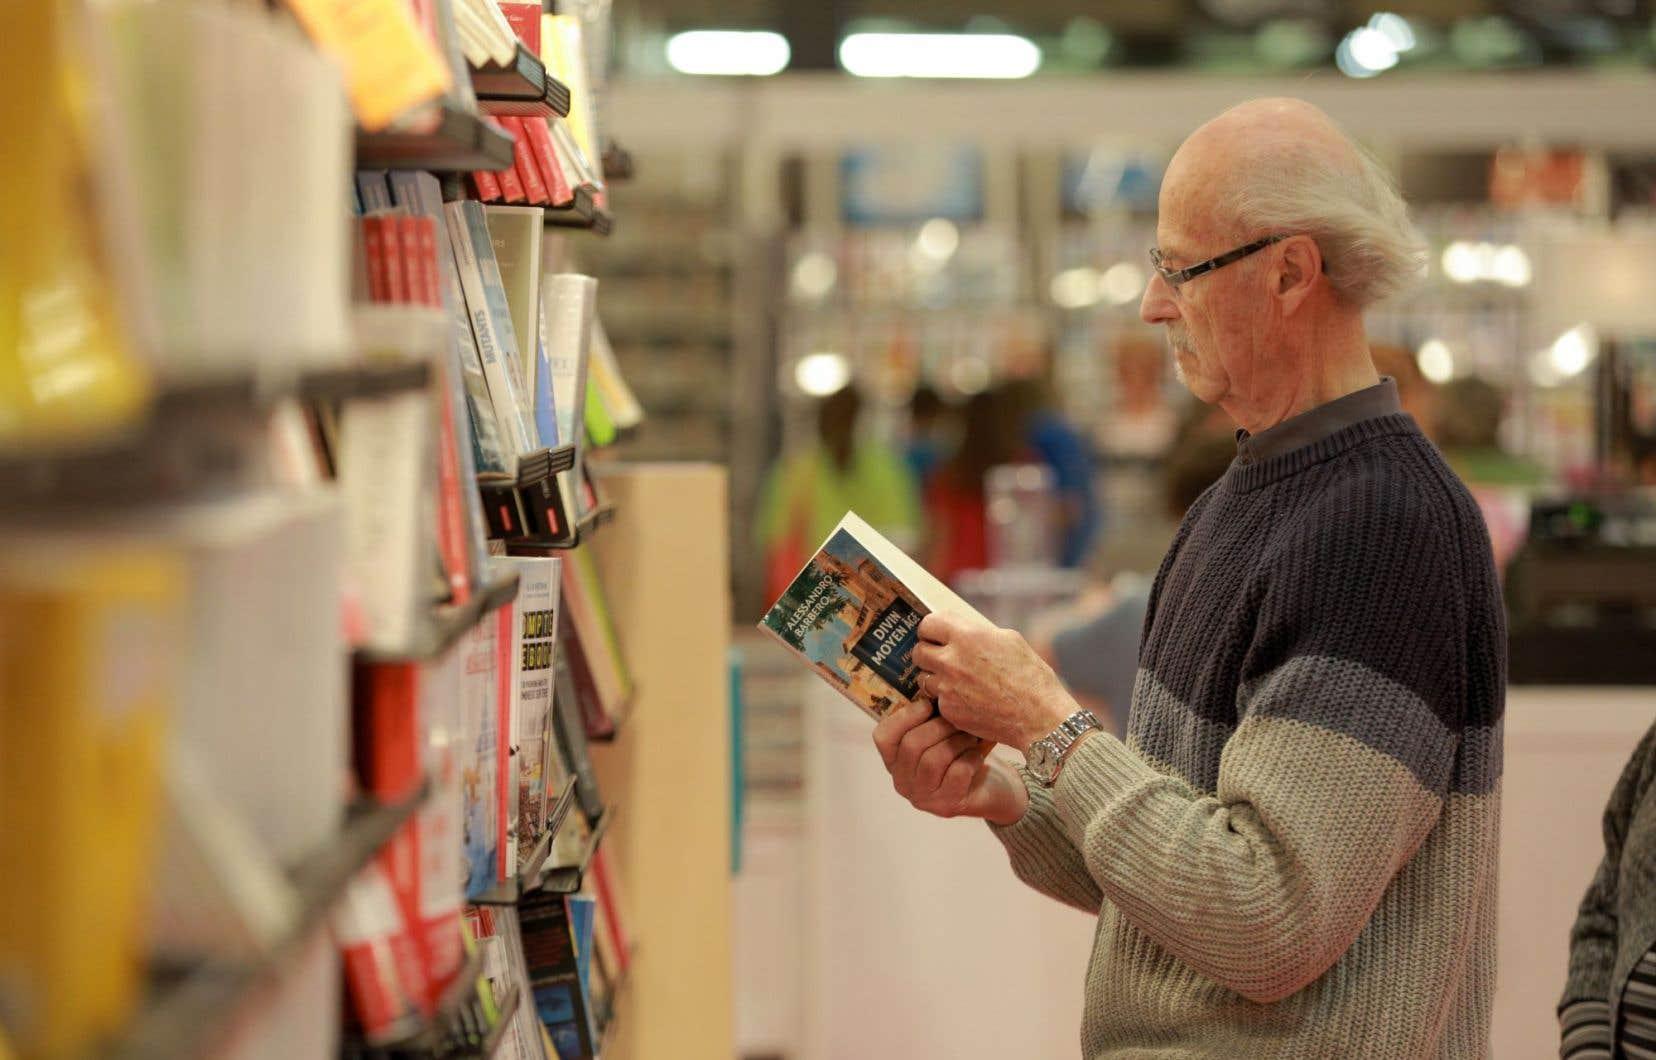 2014 est marquée par une baisse assez forte, et étonnante, des ventes de livres en grandes surfaces.